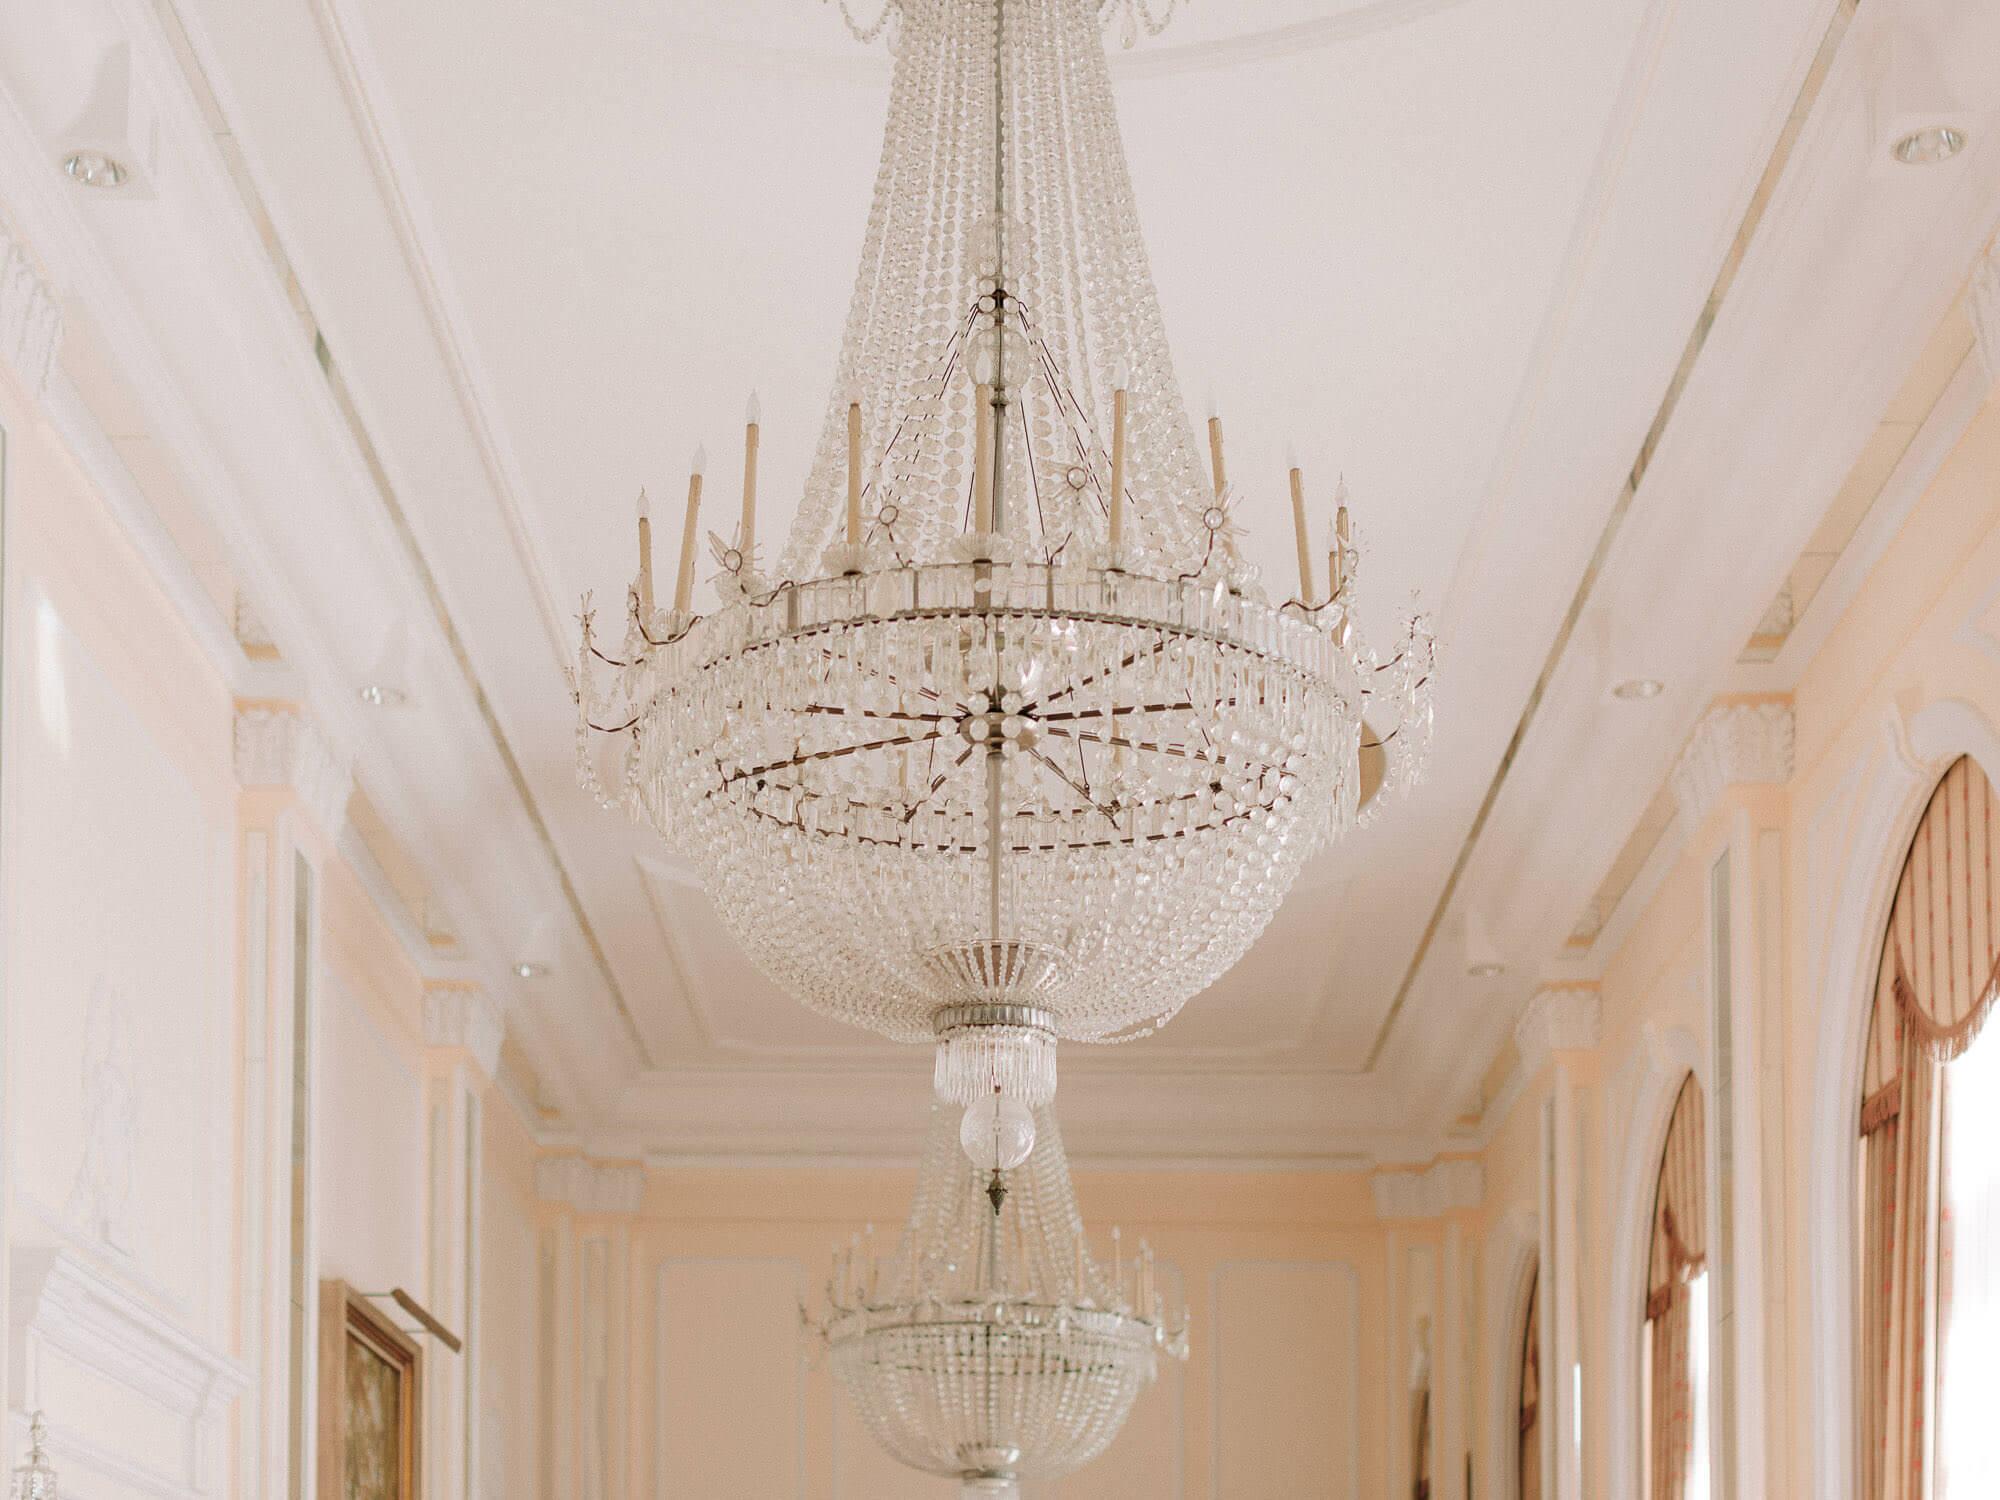 cristal chandelier in Hotel Palacio Estoril by Portugal Wedding Photographer